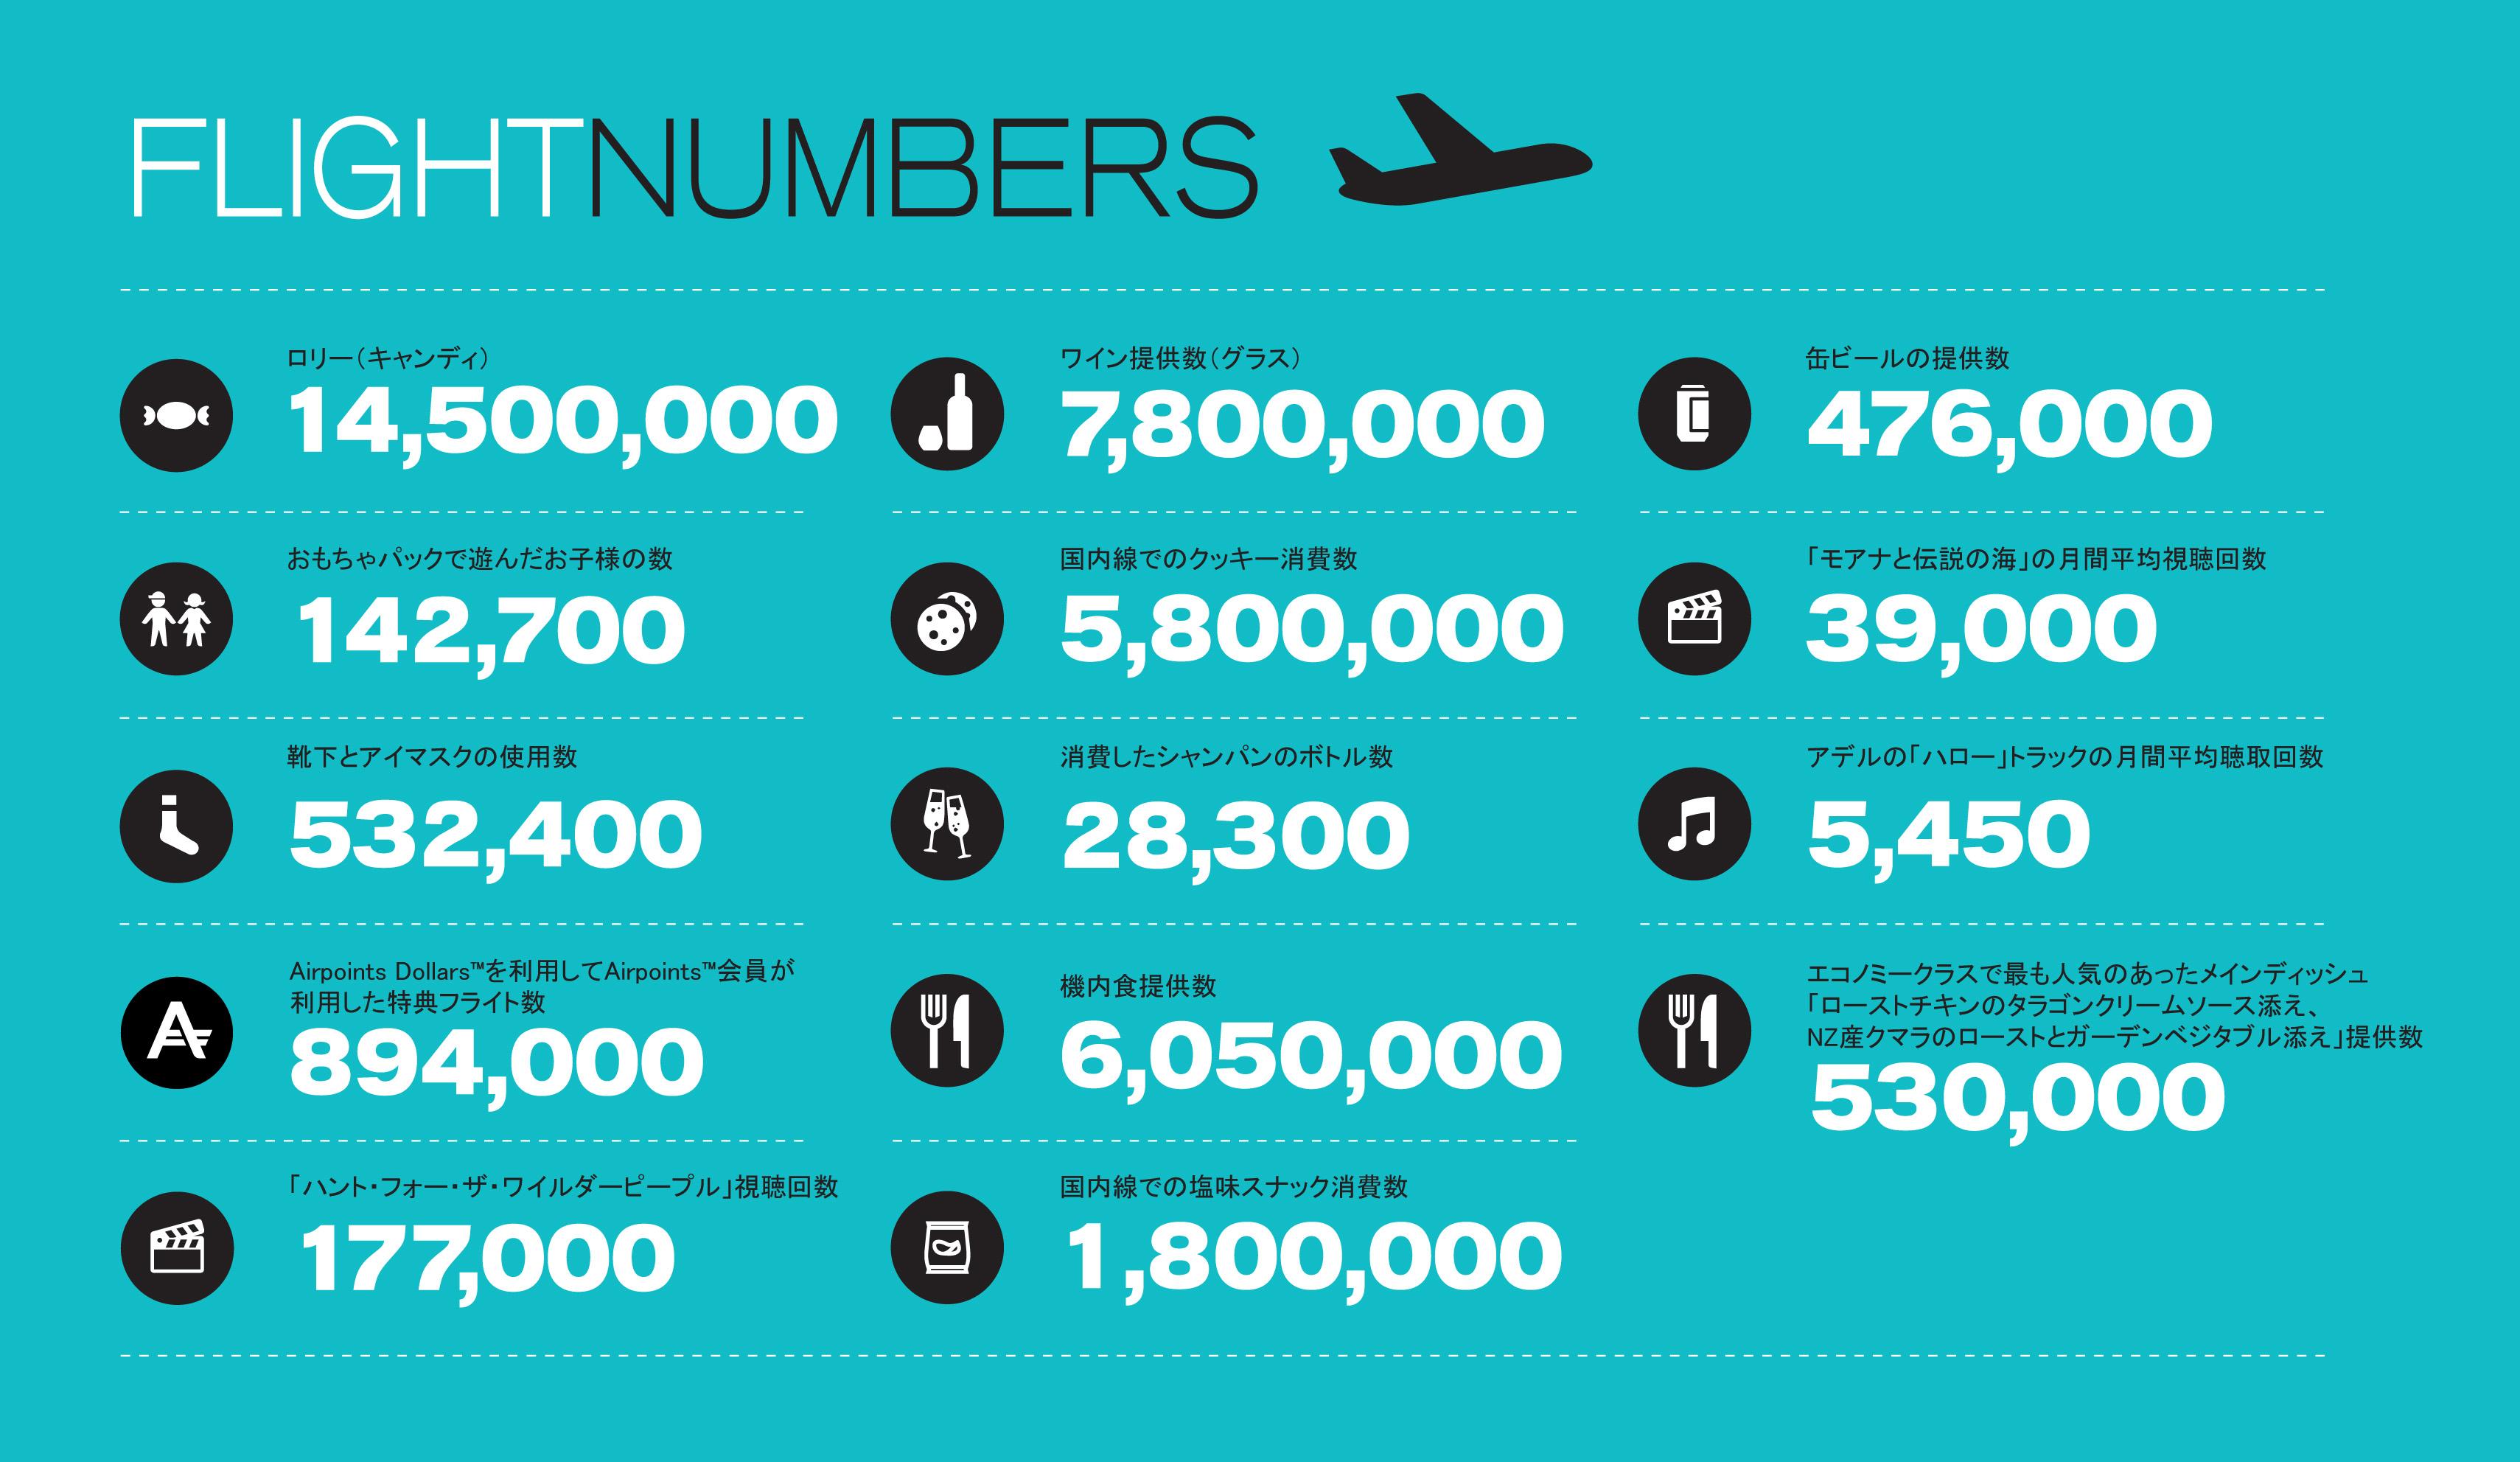 ニュージーランド航空、過去1年の機内データを公開、最も人気No.1機内食はチキン、機内映画は「モアナと伝説の海」